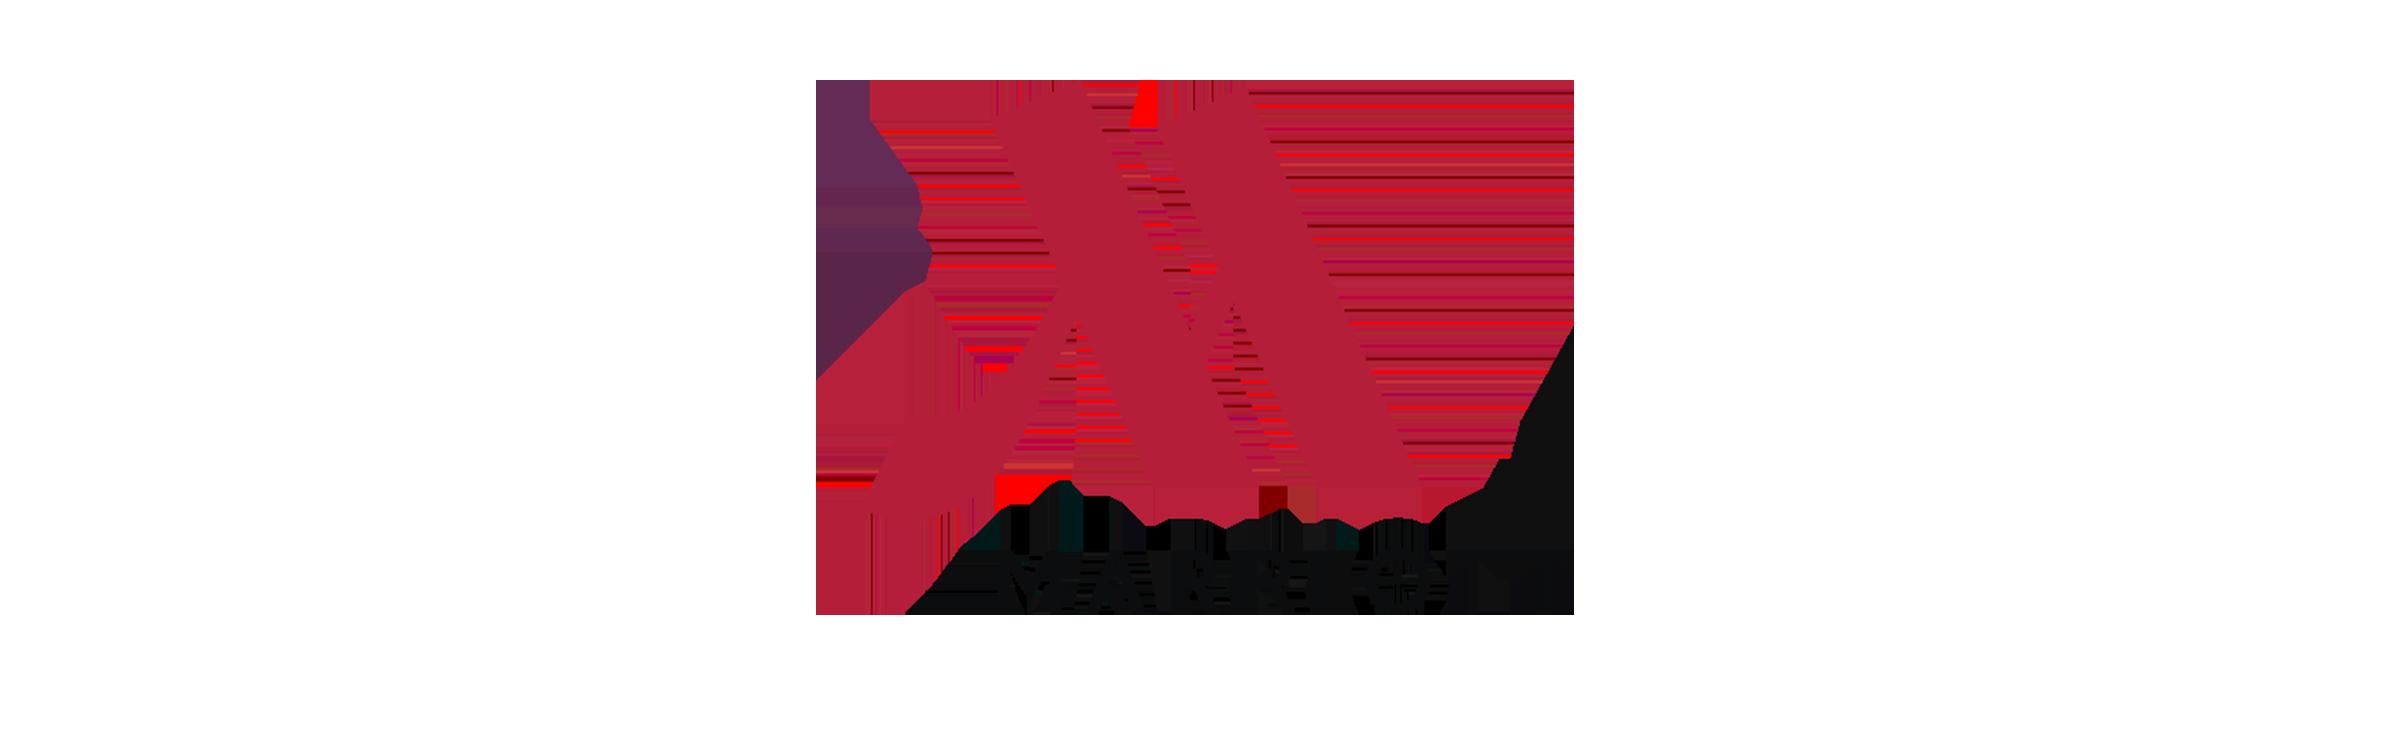 6_Marriott.png